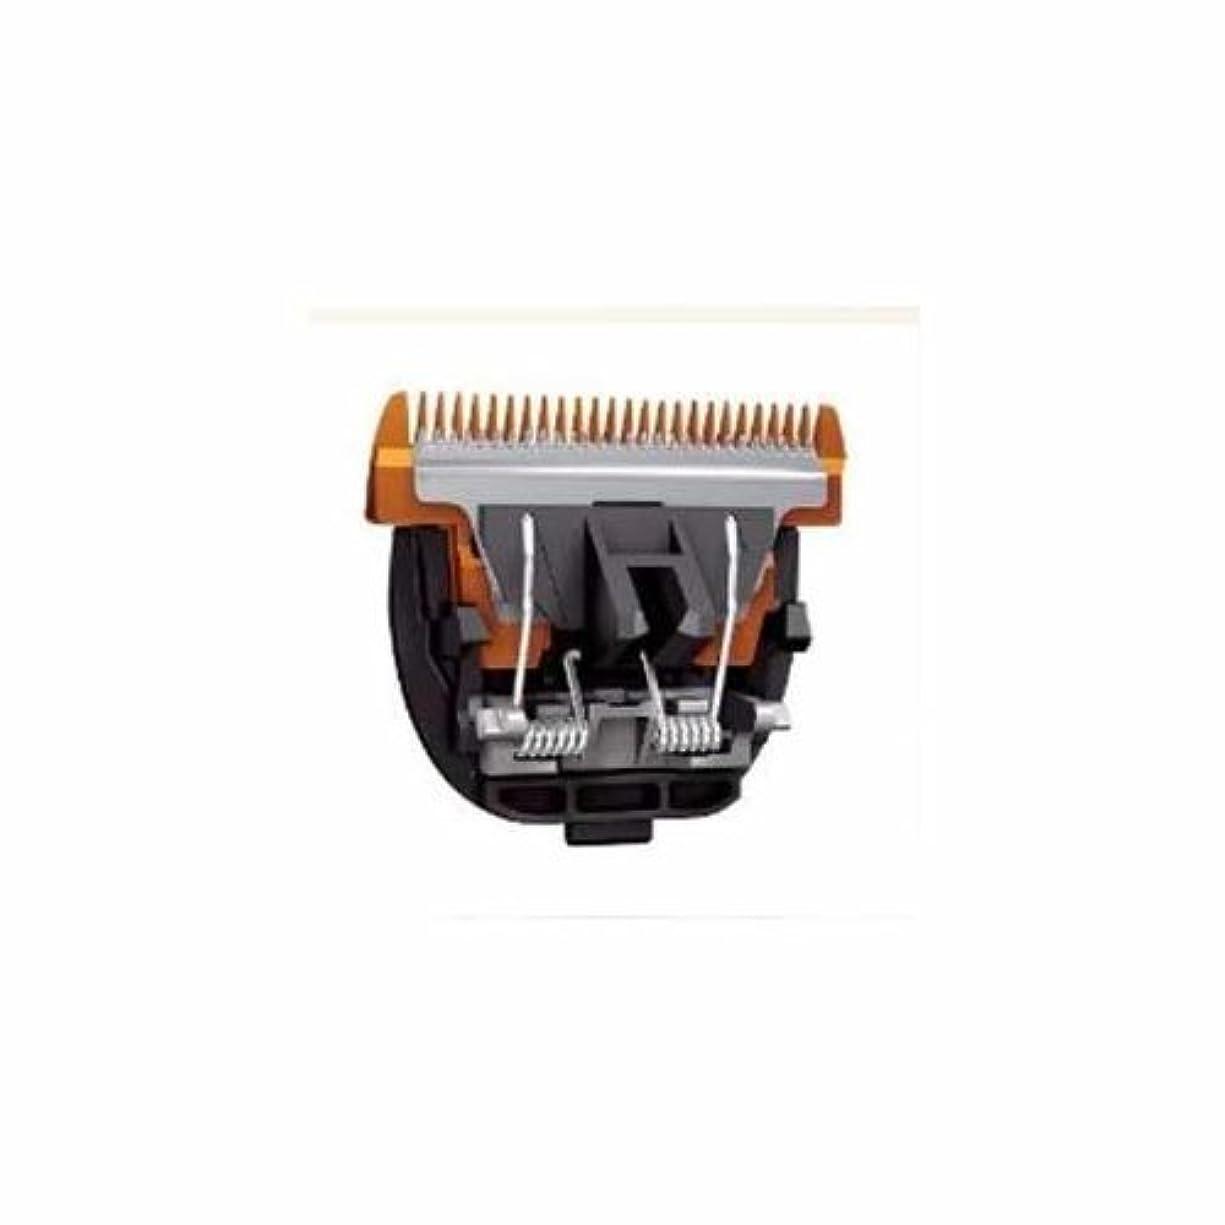 バンジージャンプに話す取り替えるパナソニック プロ バリカン ER1610P-K/ER 1510P-S/ER-GP80用 替刃 ER-9900